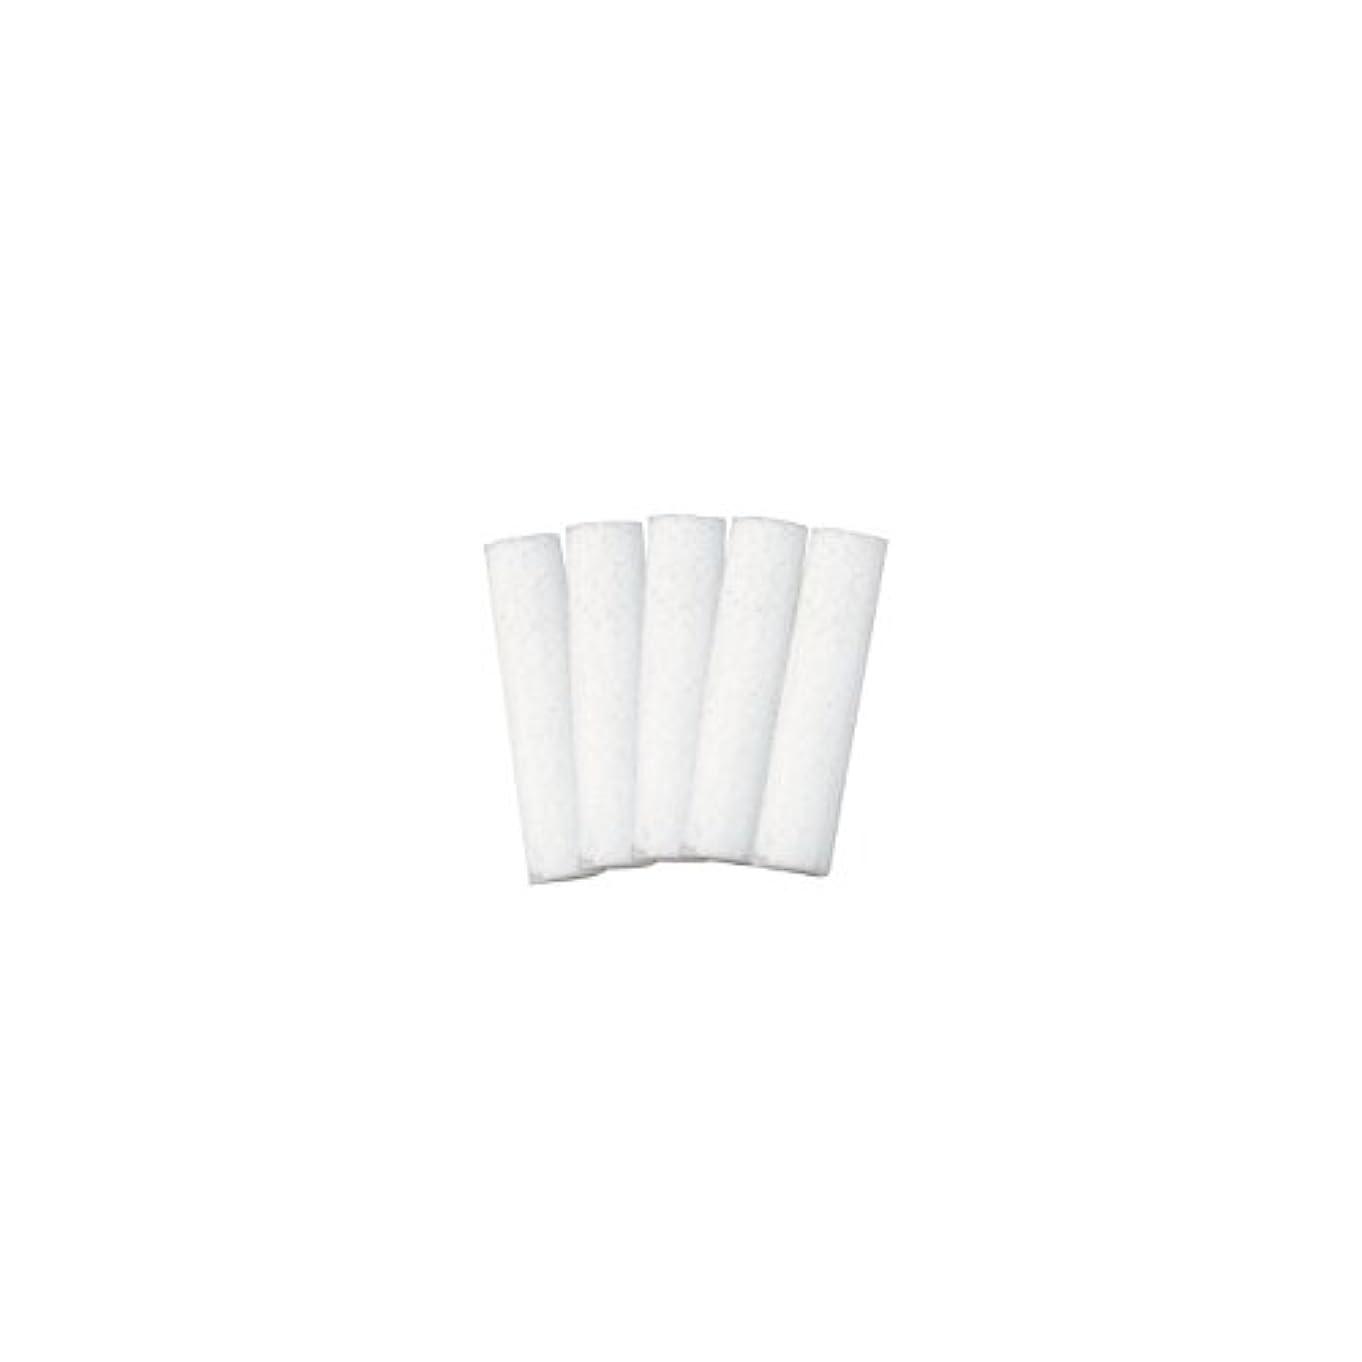 生活の木 アロマネックレス 替え芯 5本 (アロマペンダント 替え芯) (13-509-5020)